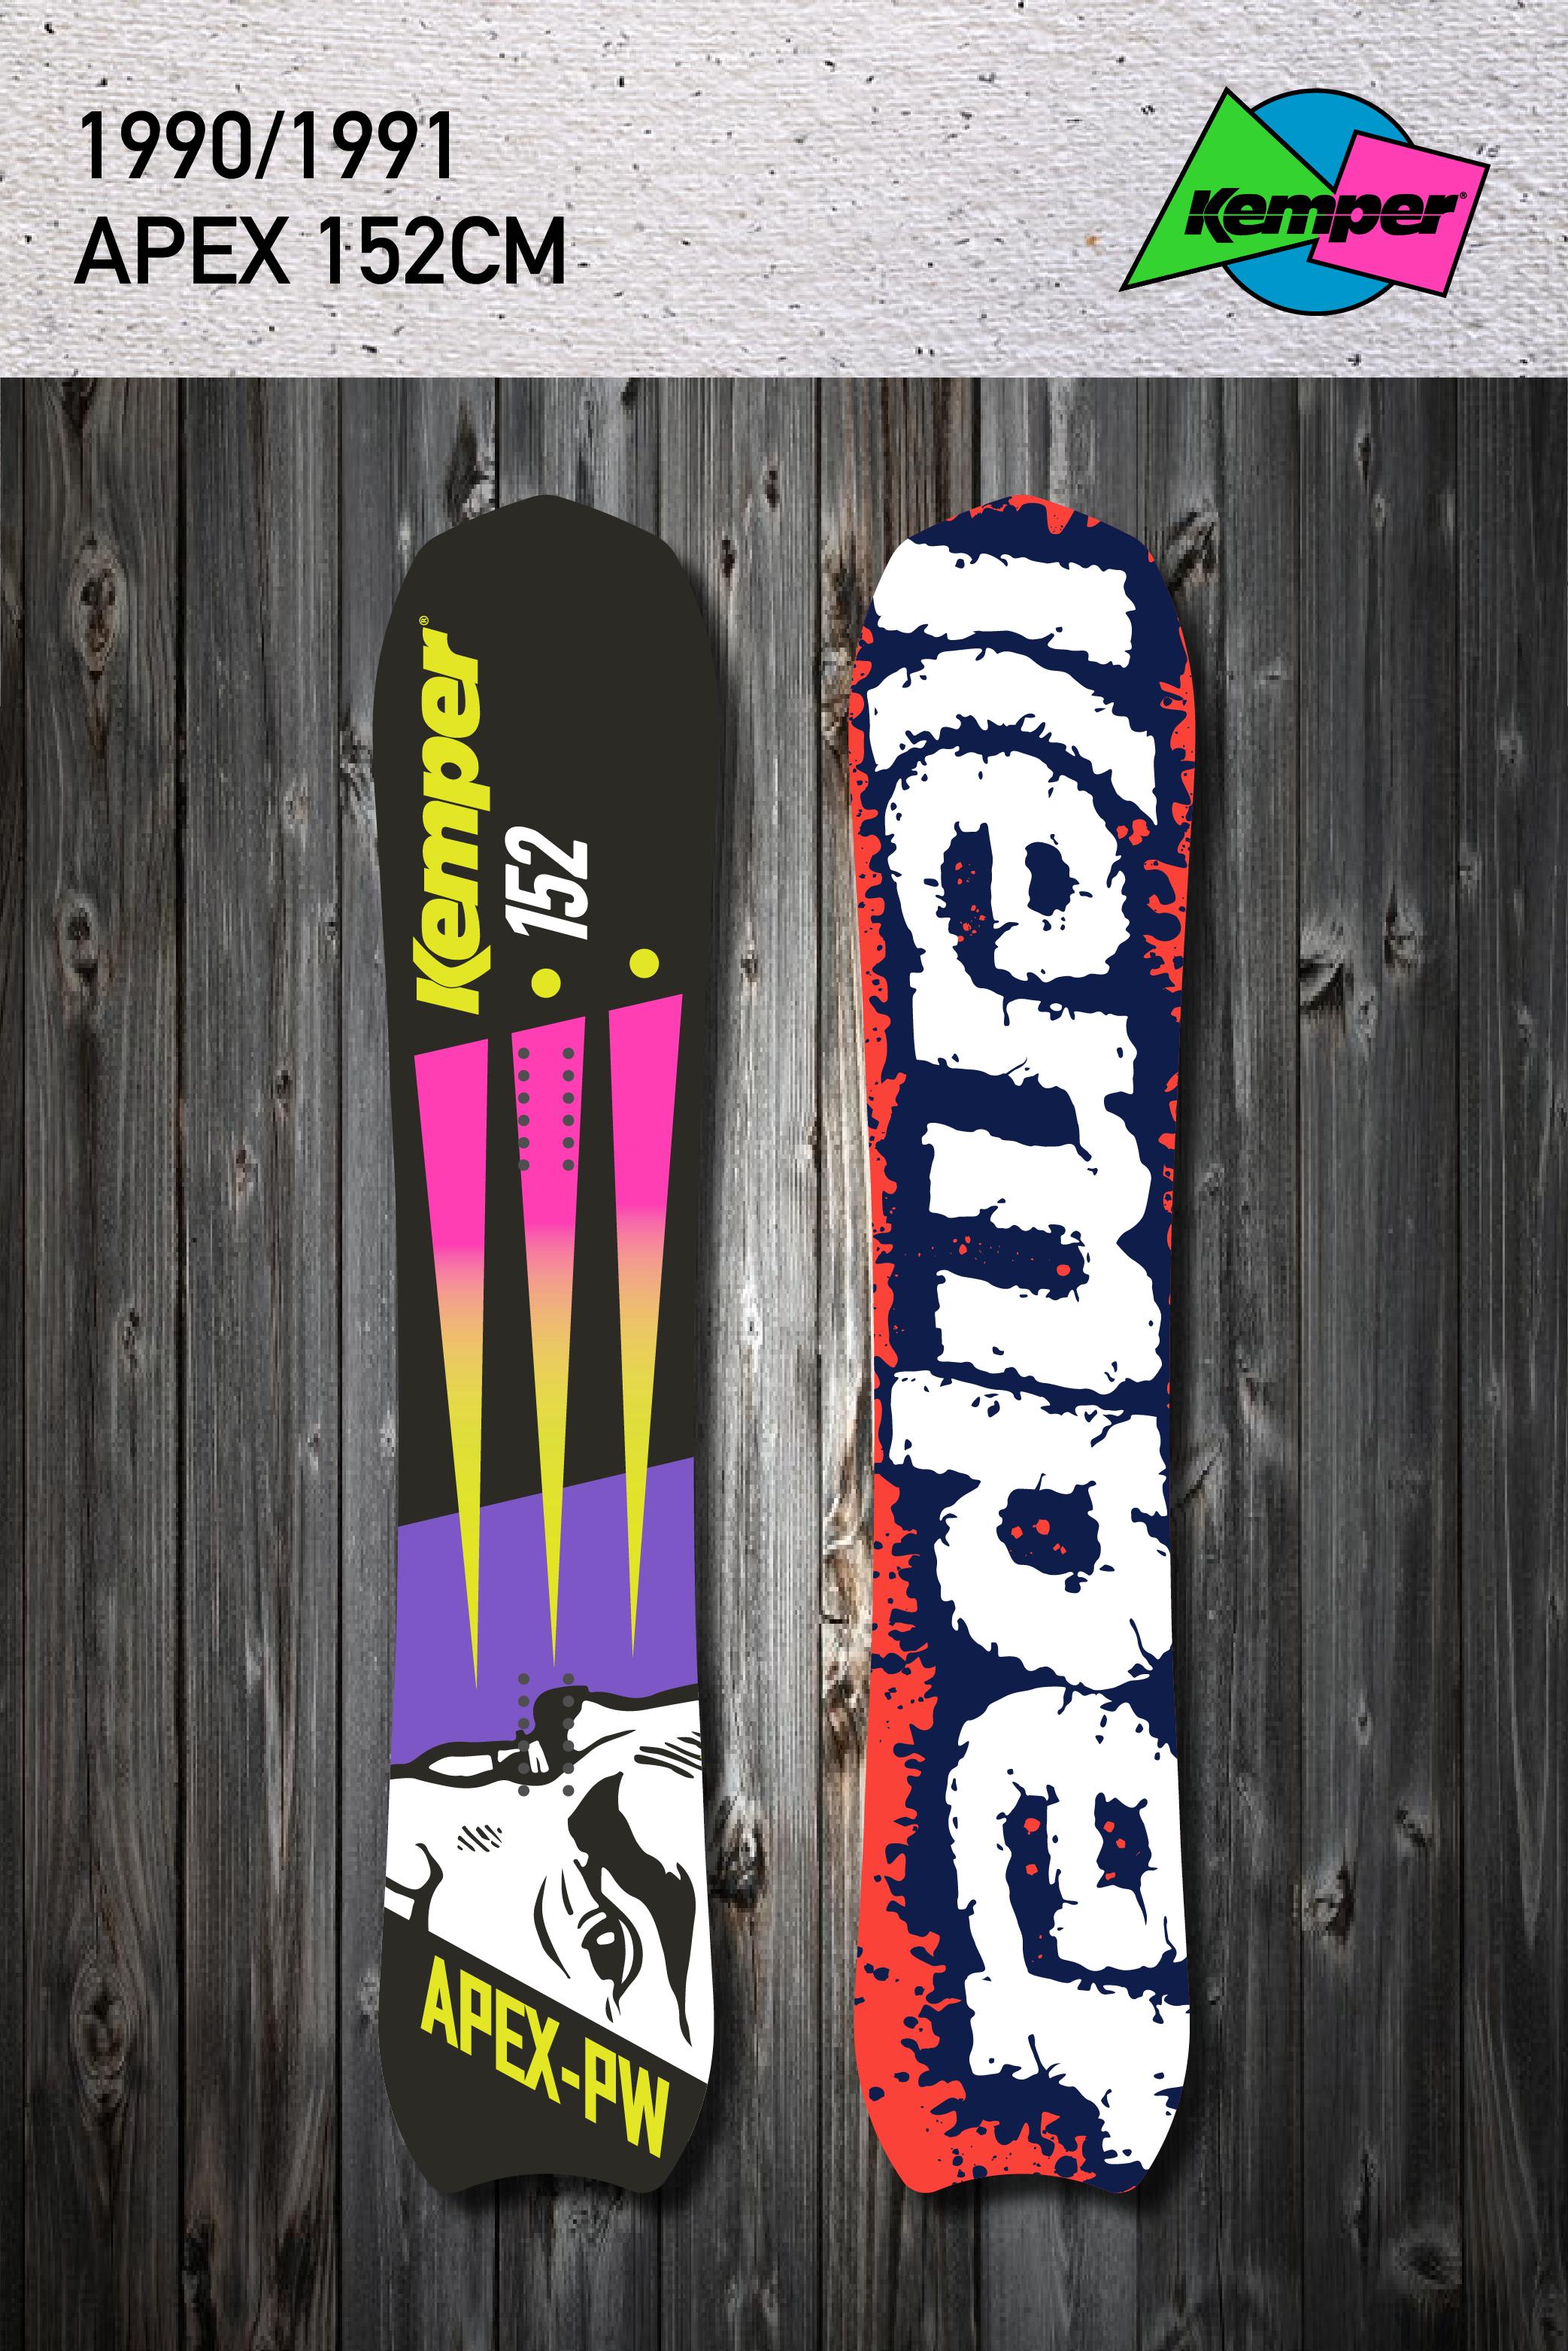 4b5d6303c59f Kemper Apex Snowboard - 1990 91